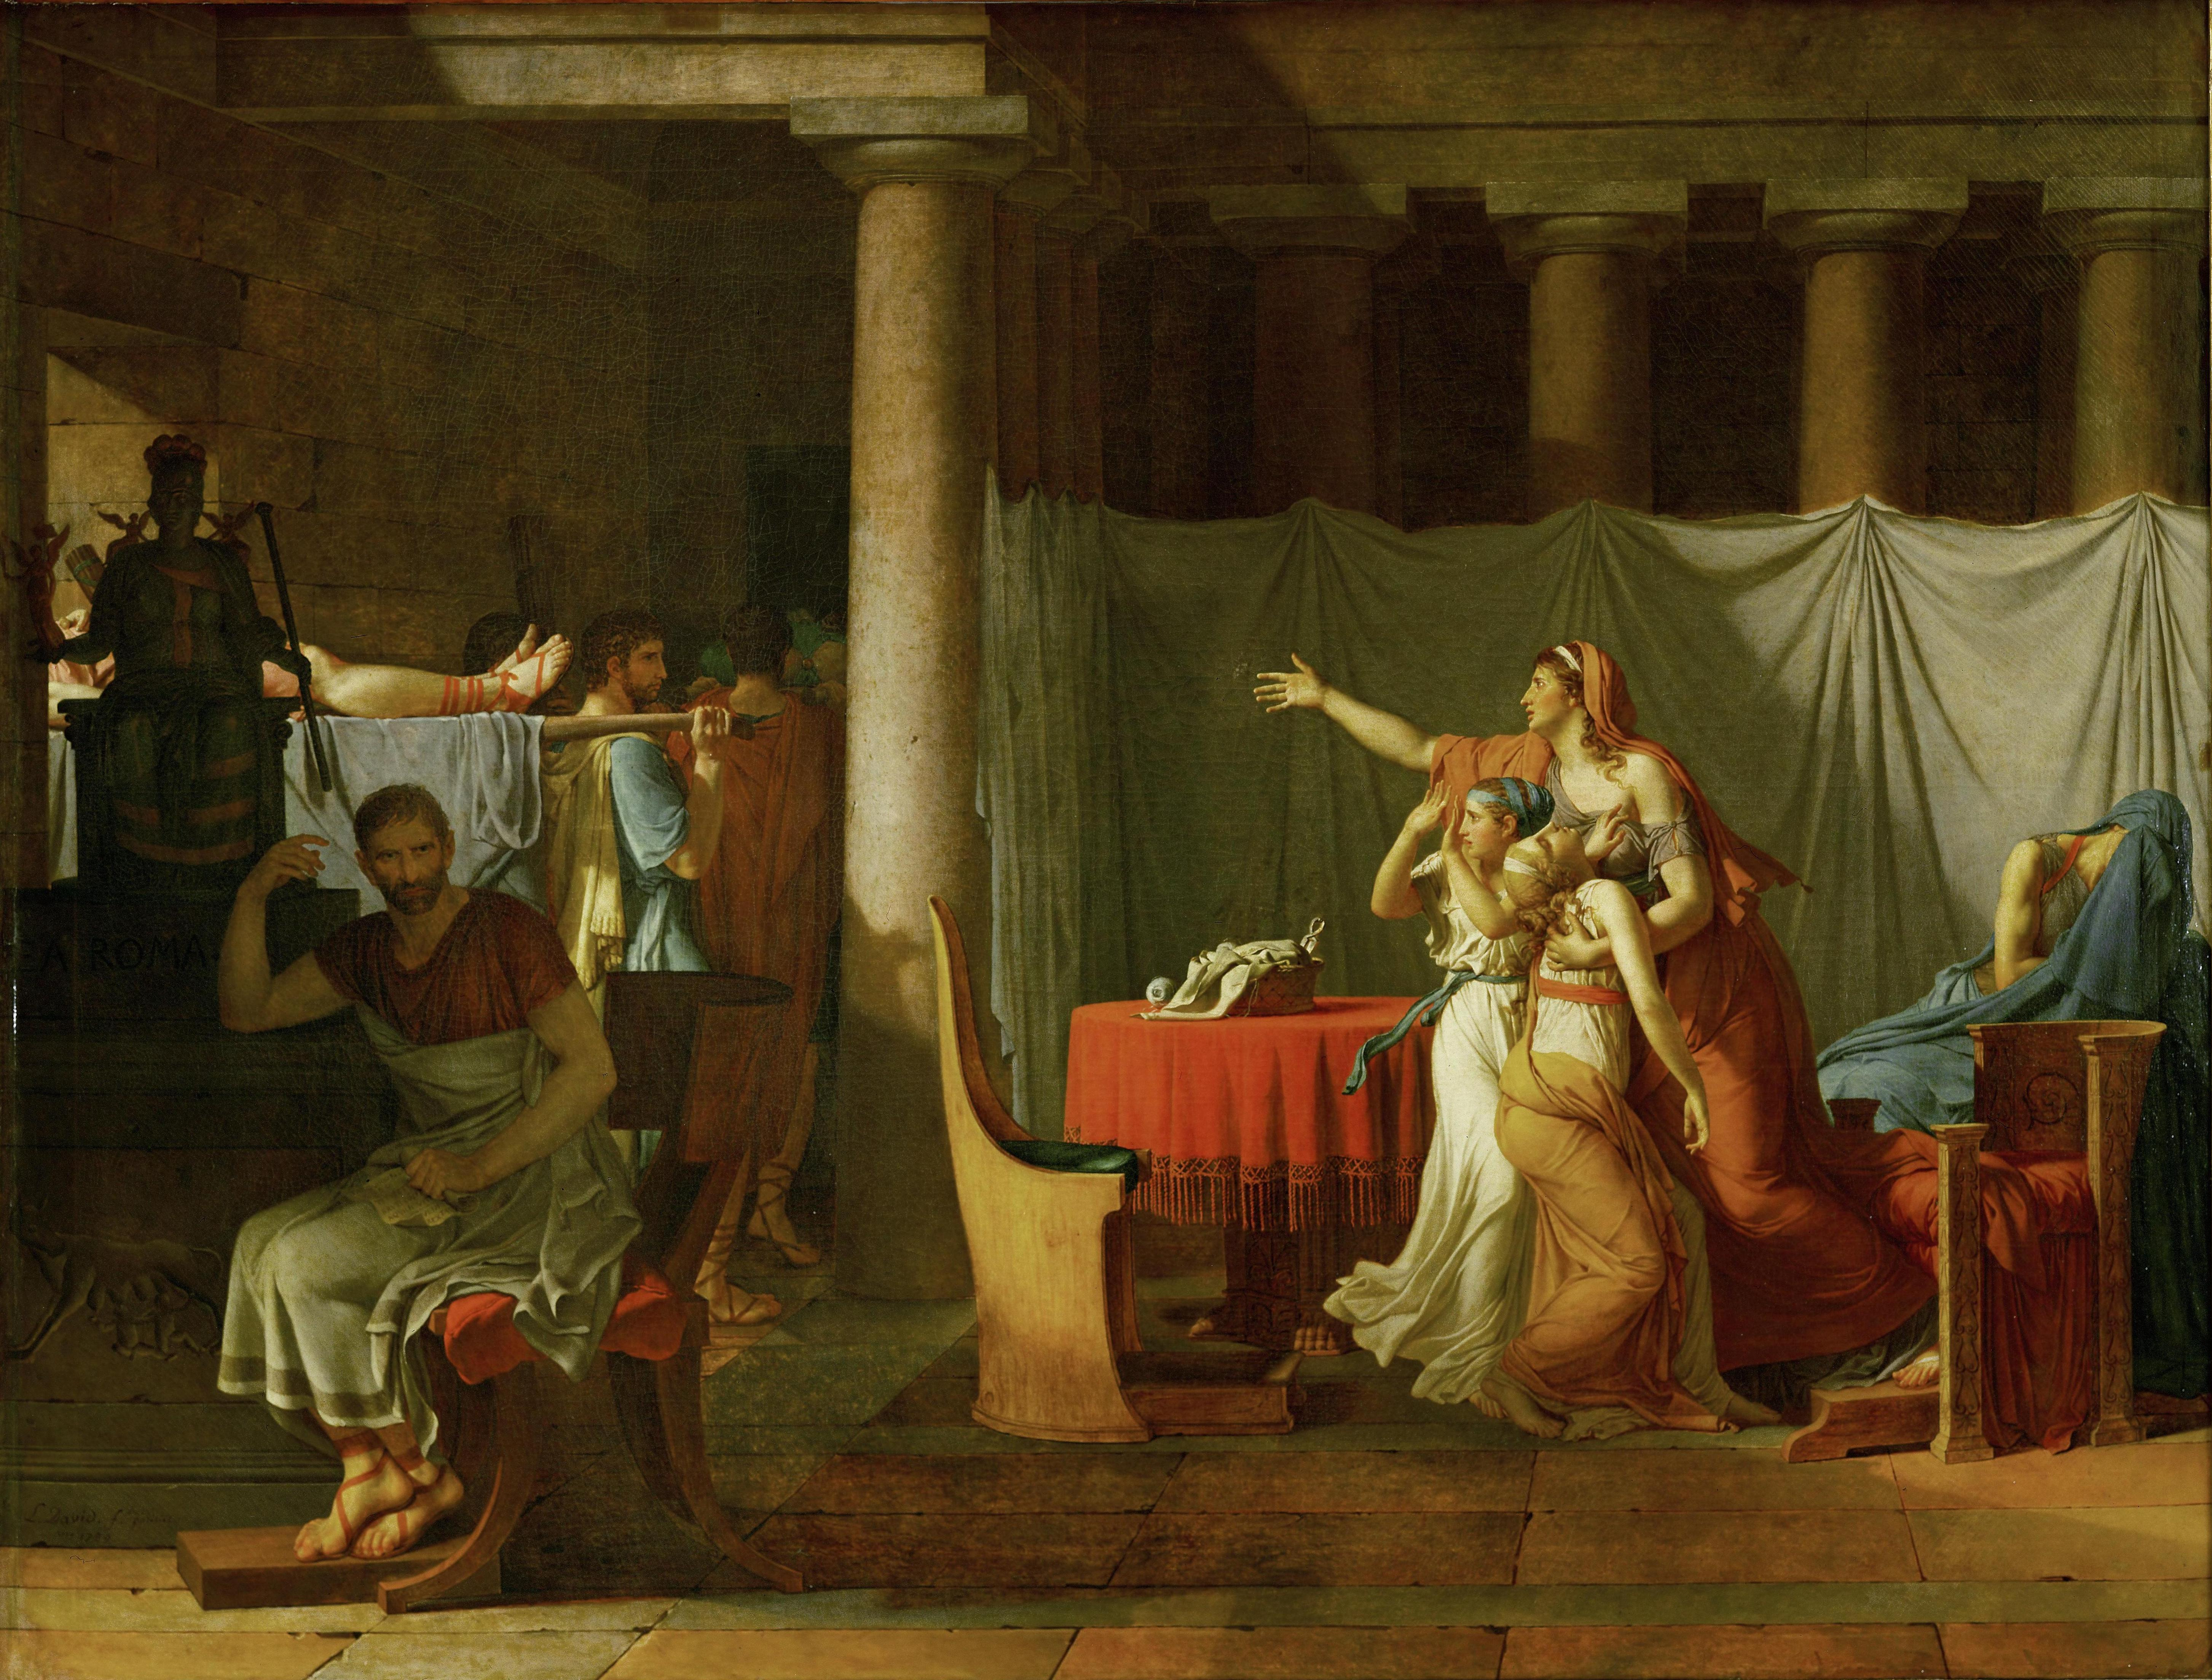 regal period of Rome